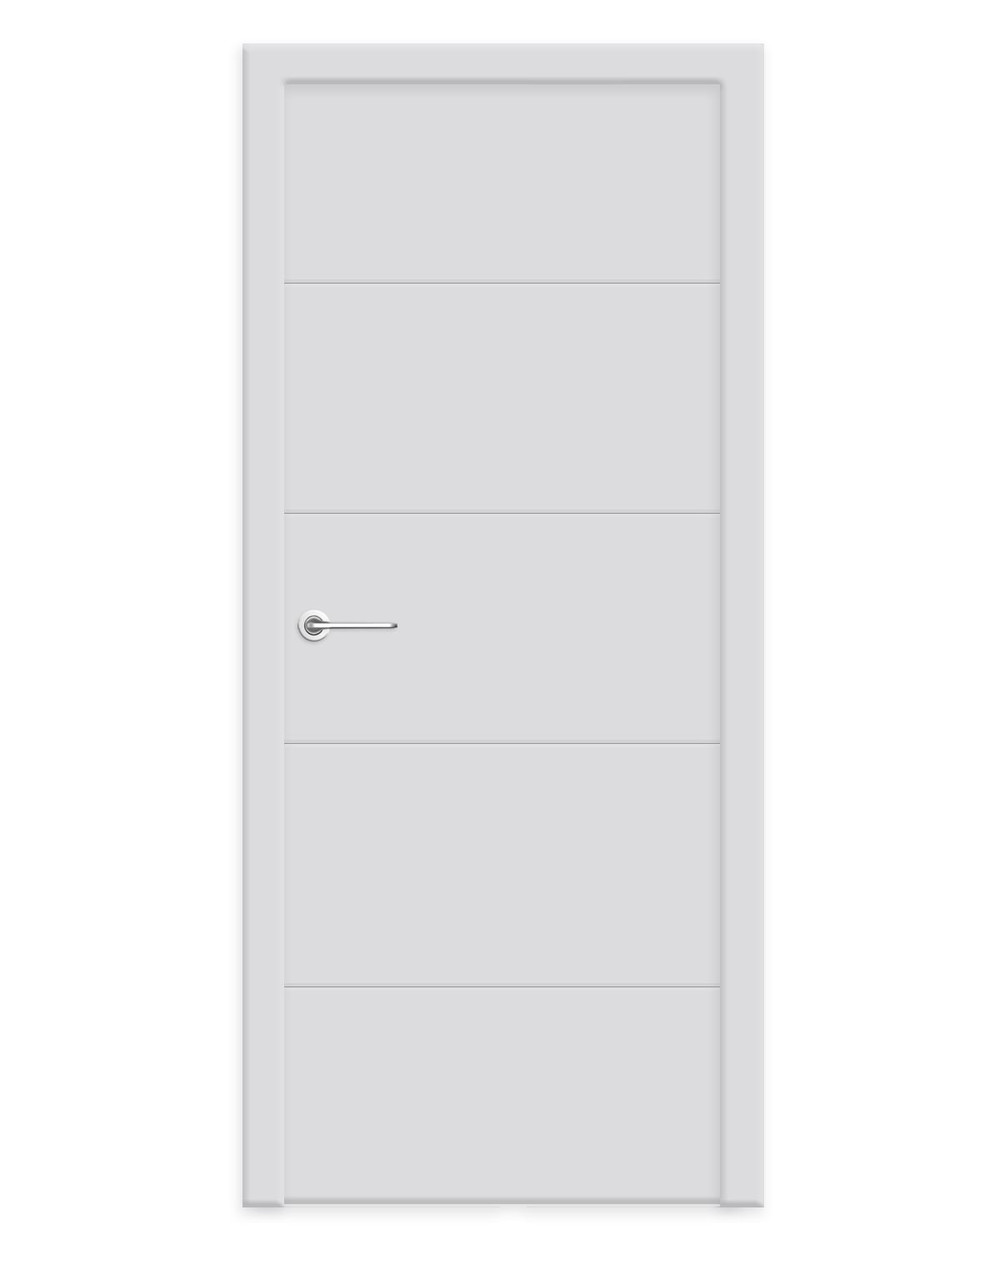 """Двери межкомнатные Стайл S4 белая эмаль (Woodok) - Магазин дверей """"Душа Cтиля"""" в Киеве"""